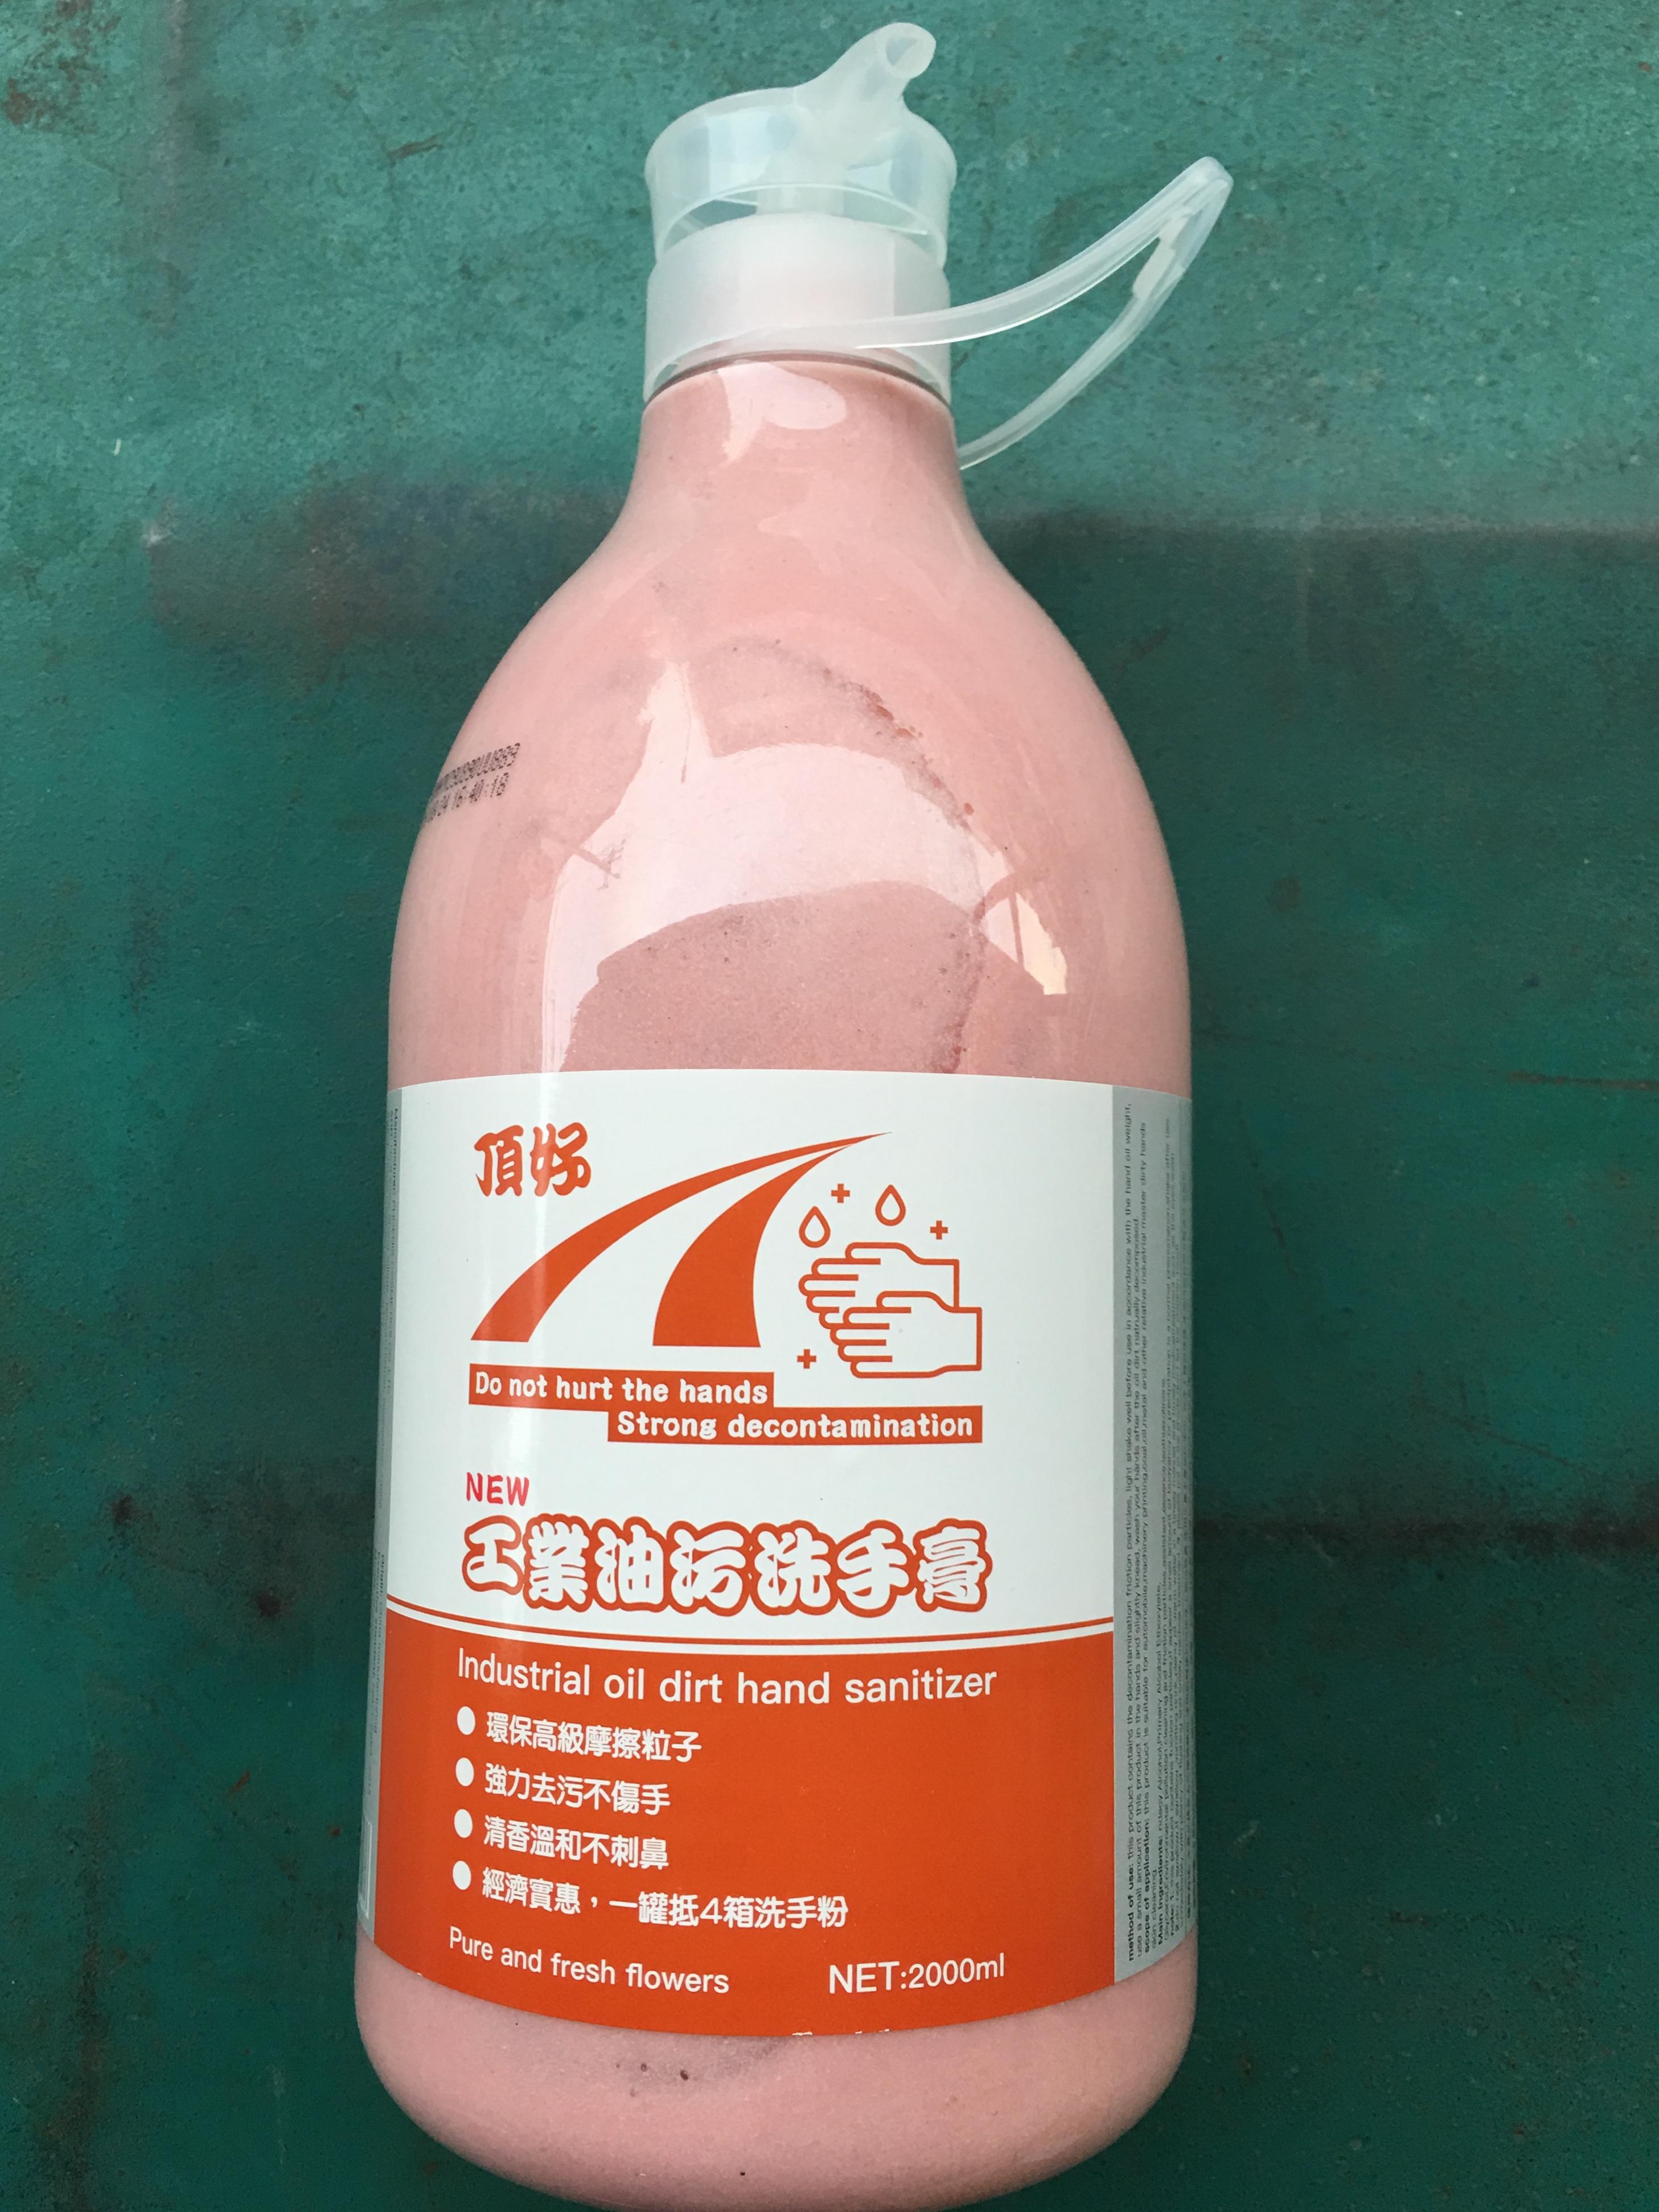 工業油汙洗手膏2000ml-168元/瓶 (10瓶免運費)